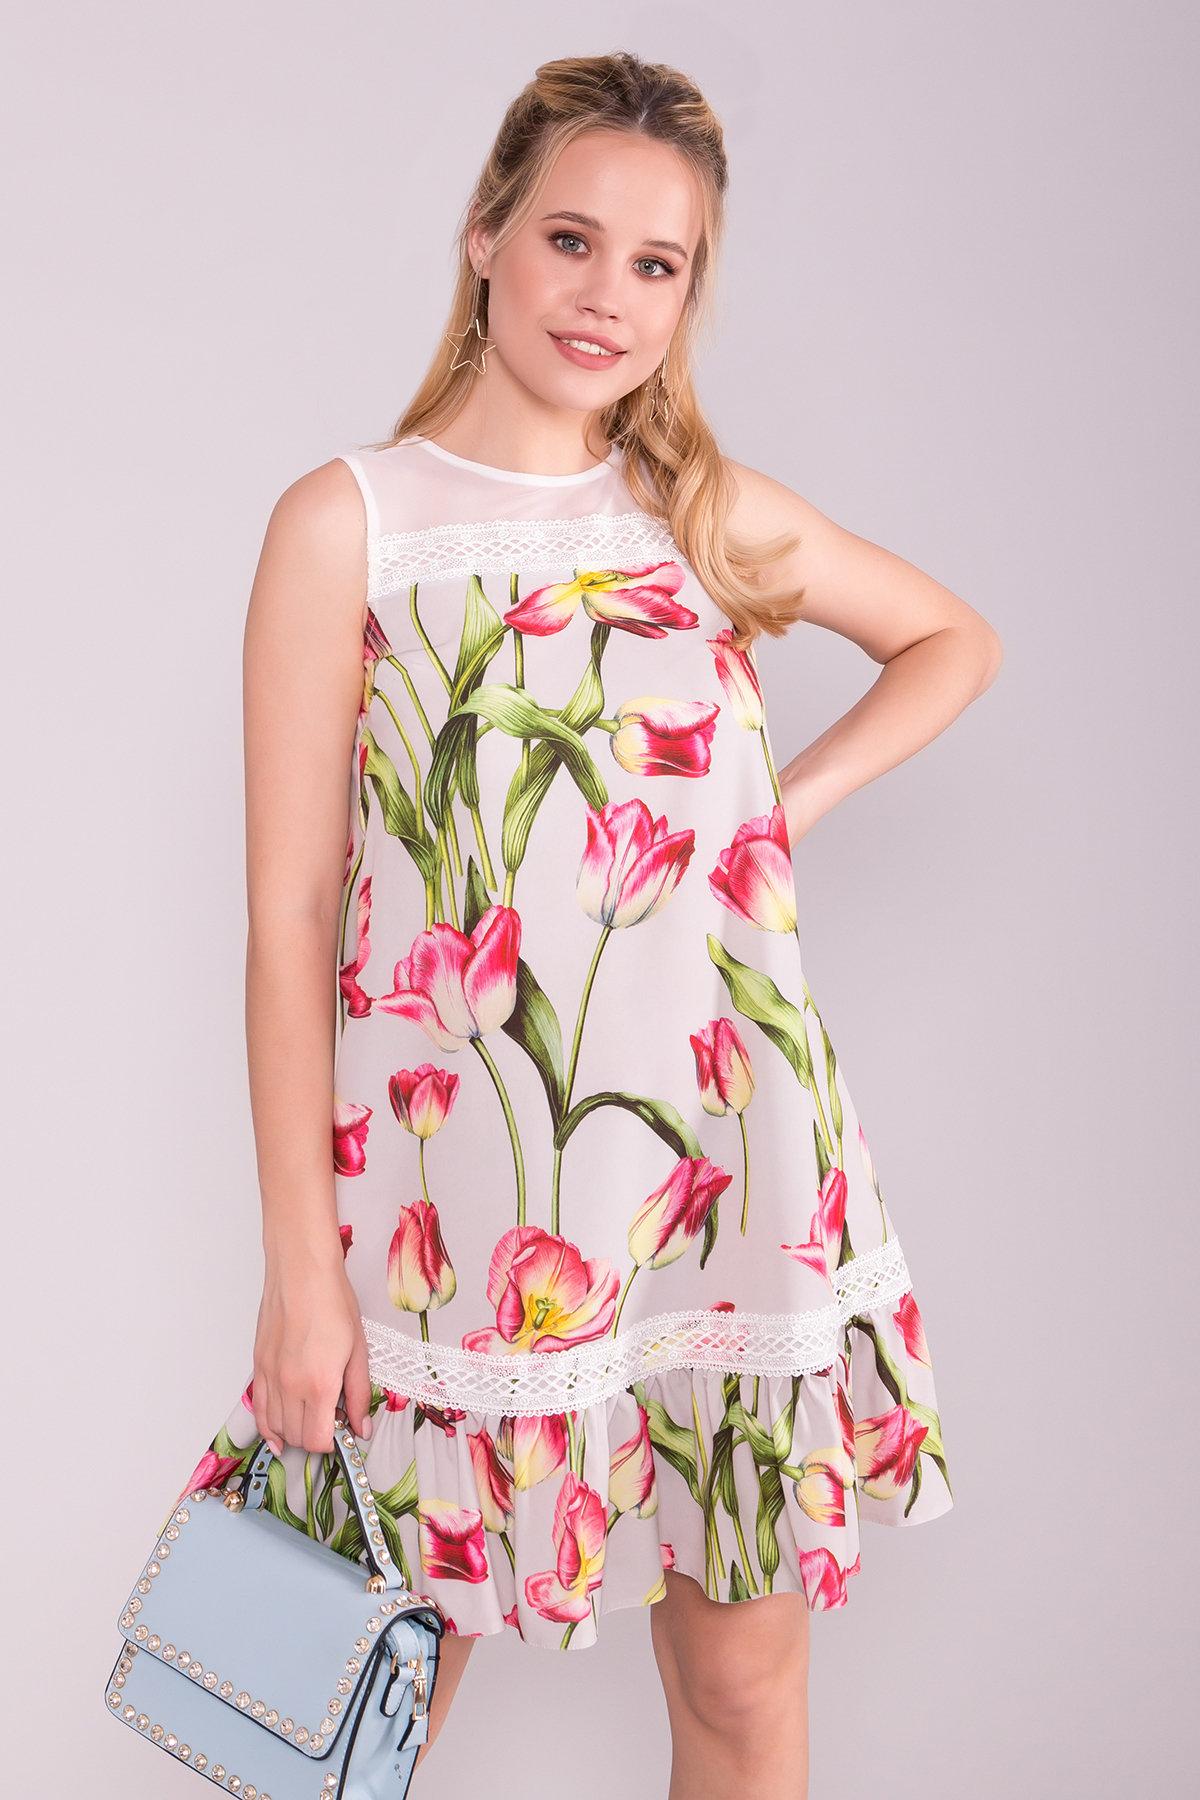 Платье Инга 7063 АРТ. 43062 Цвет: Тюльпан серый/розовый - фото 3, интернет магазин tm-modus.ru